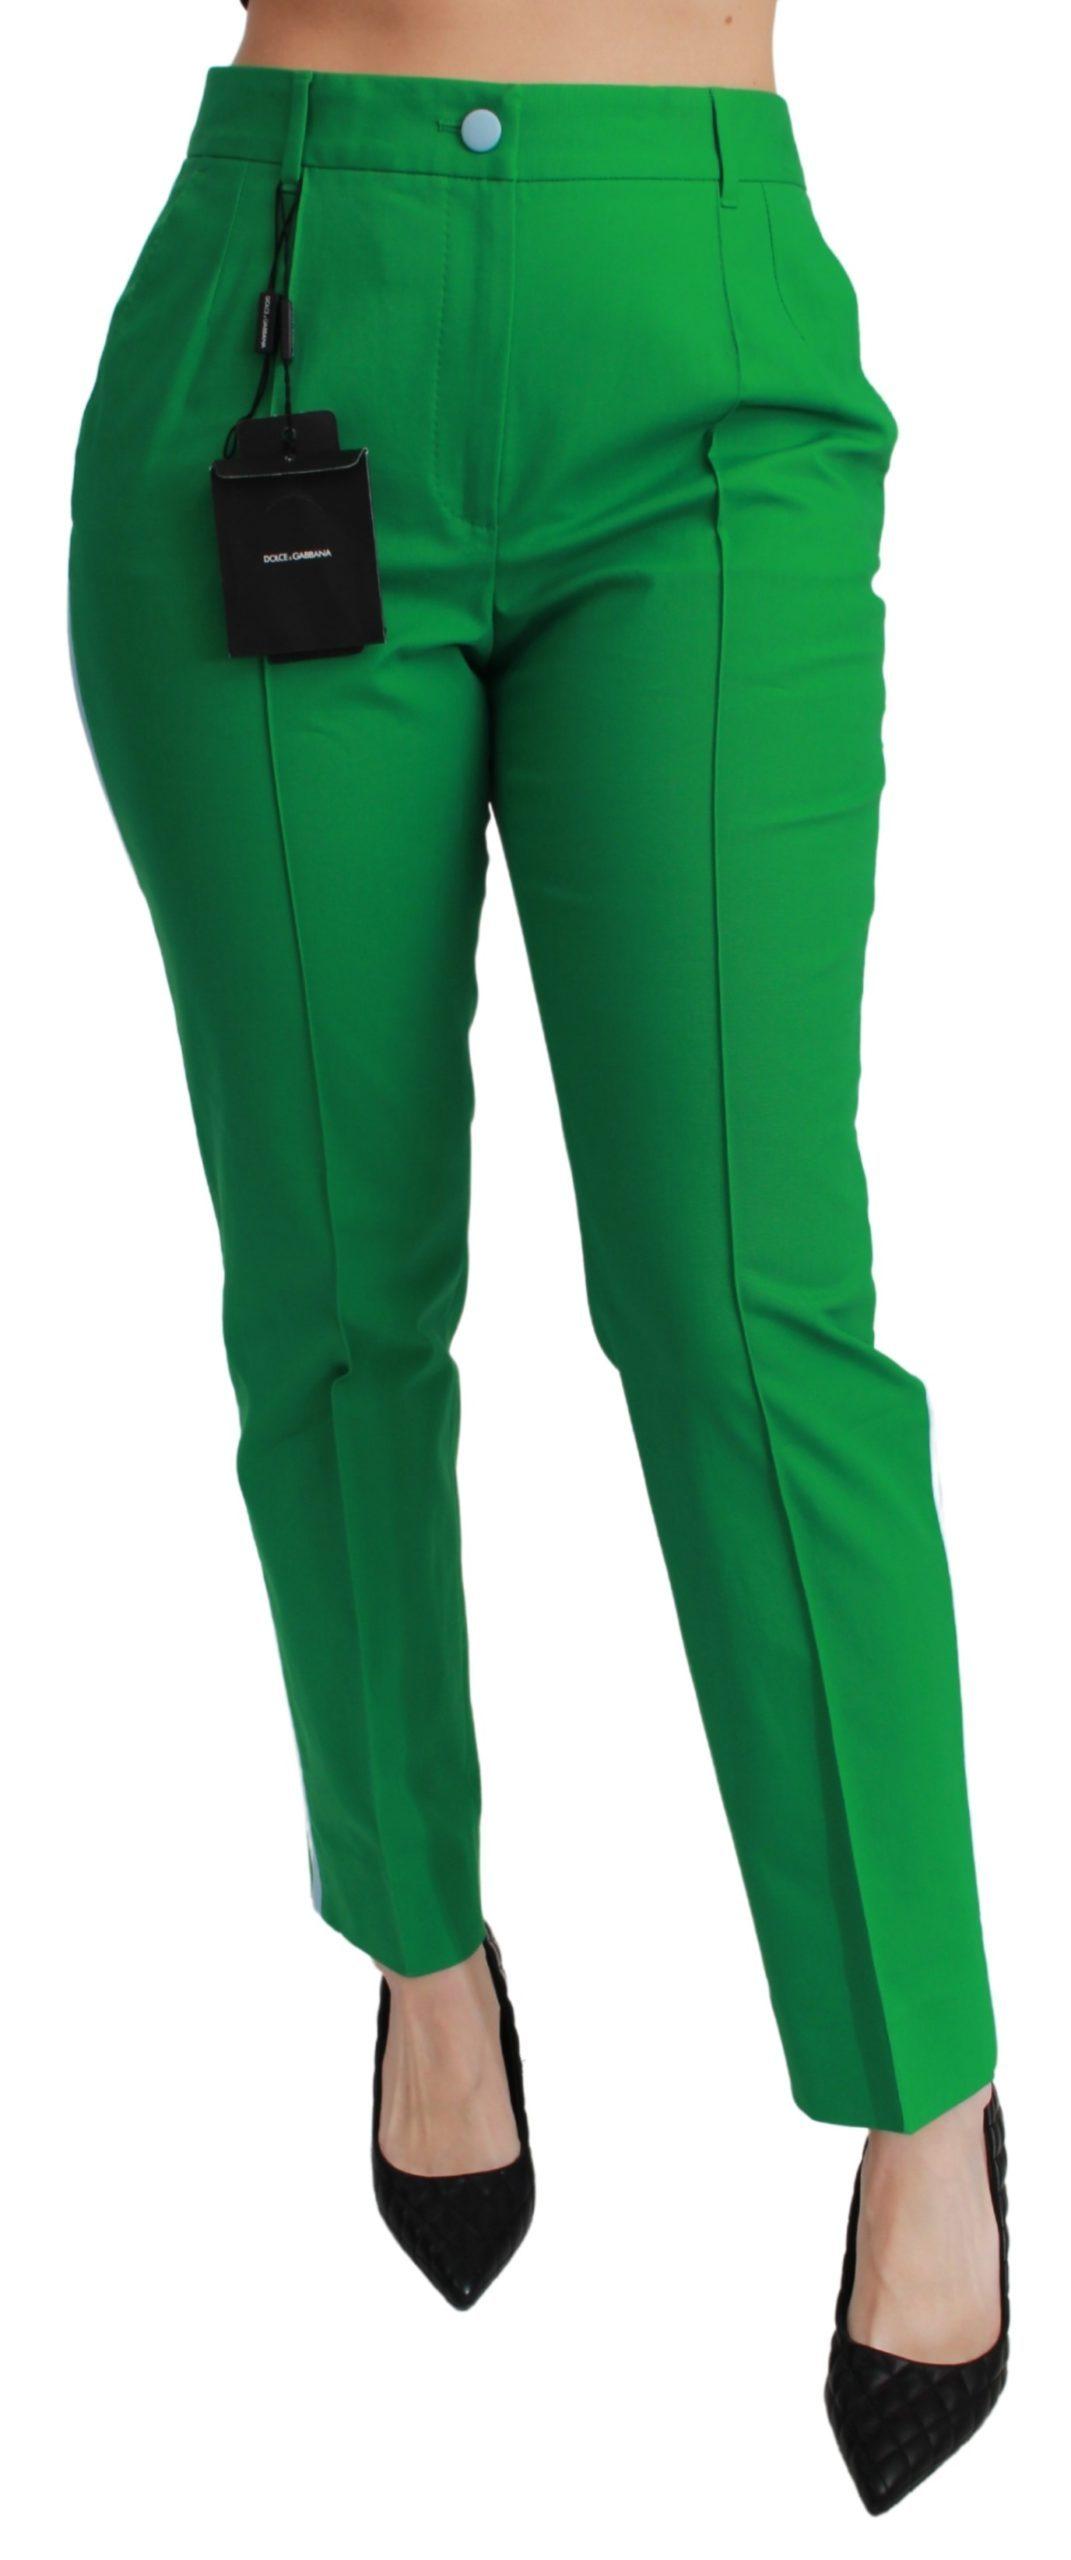 Dolce & Gabbana Women's Cotton Stretch Trouser Green PAN71057 - IT38 | S